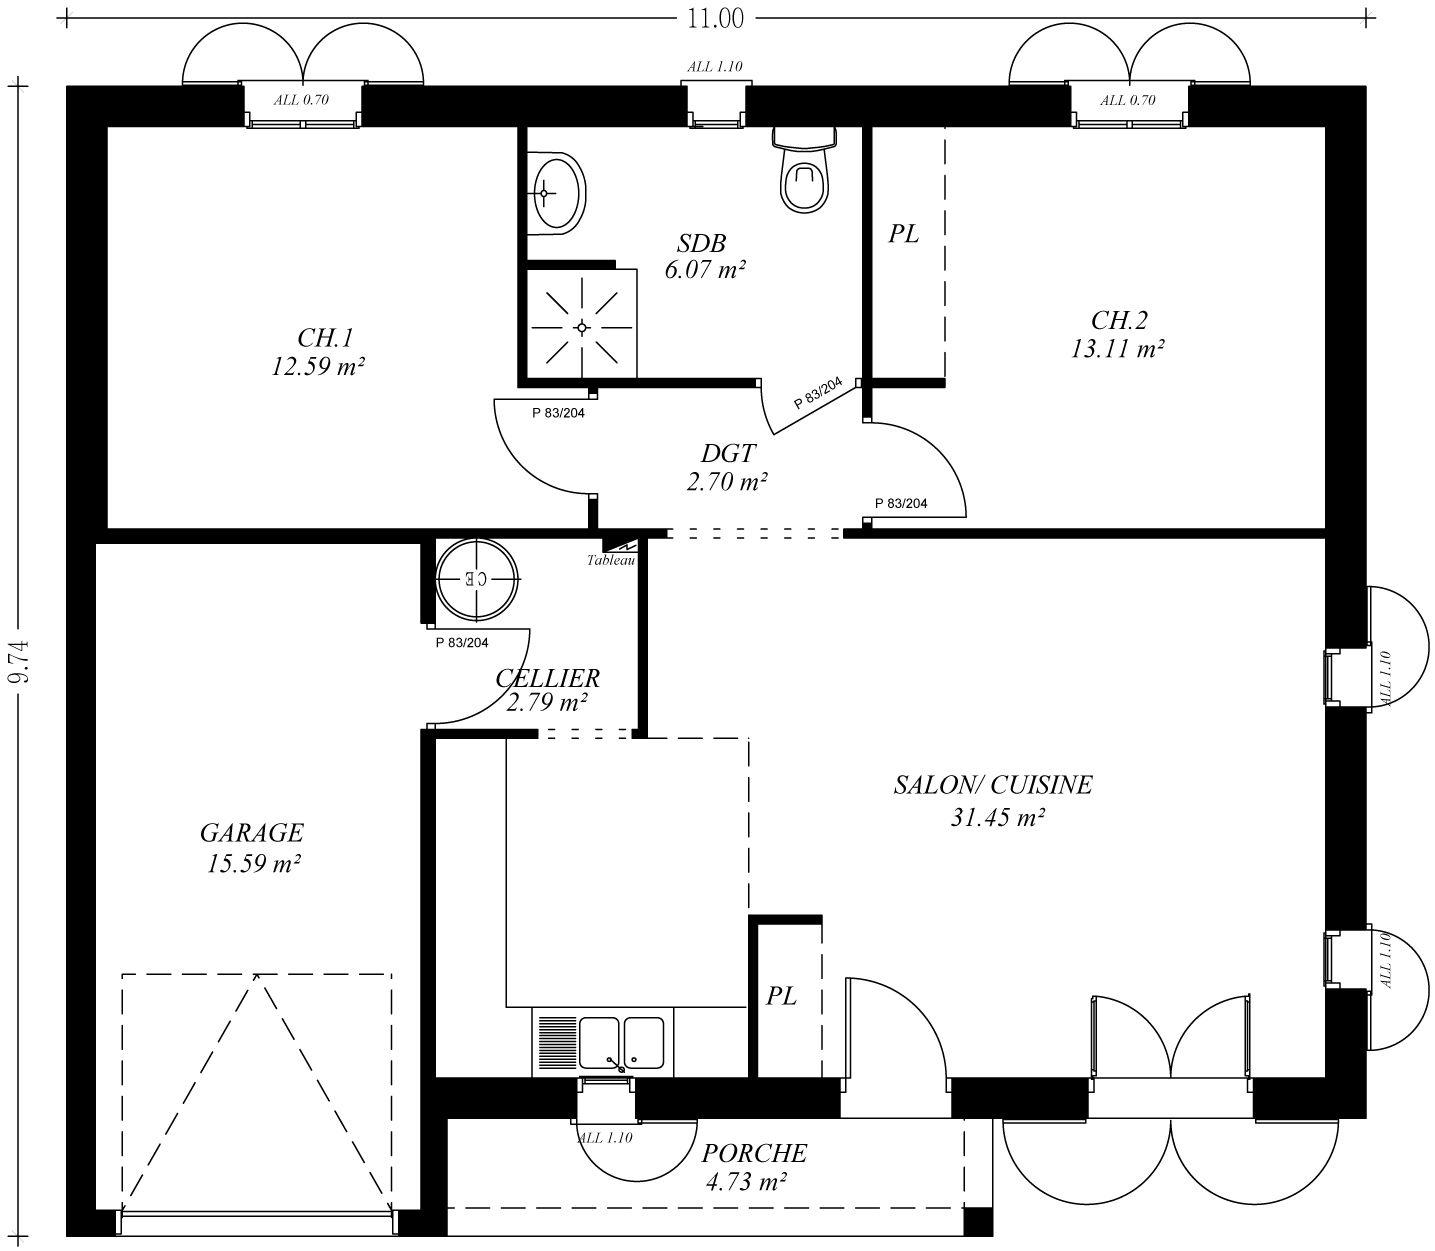 Plan de maison plain pied avec garage for Plan maison plain pied avec garage